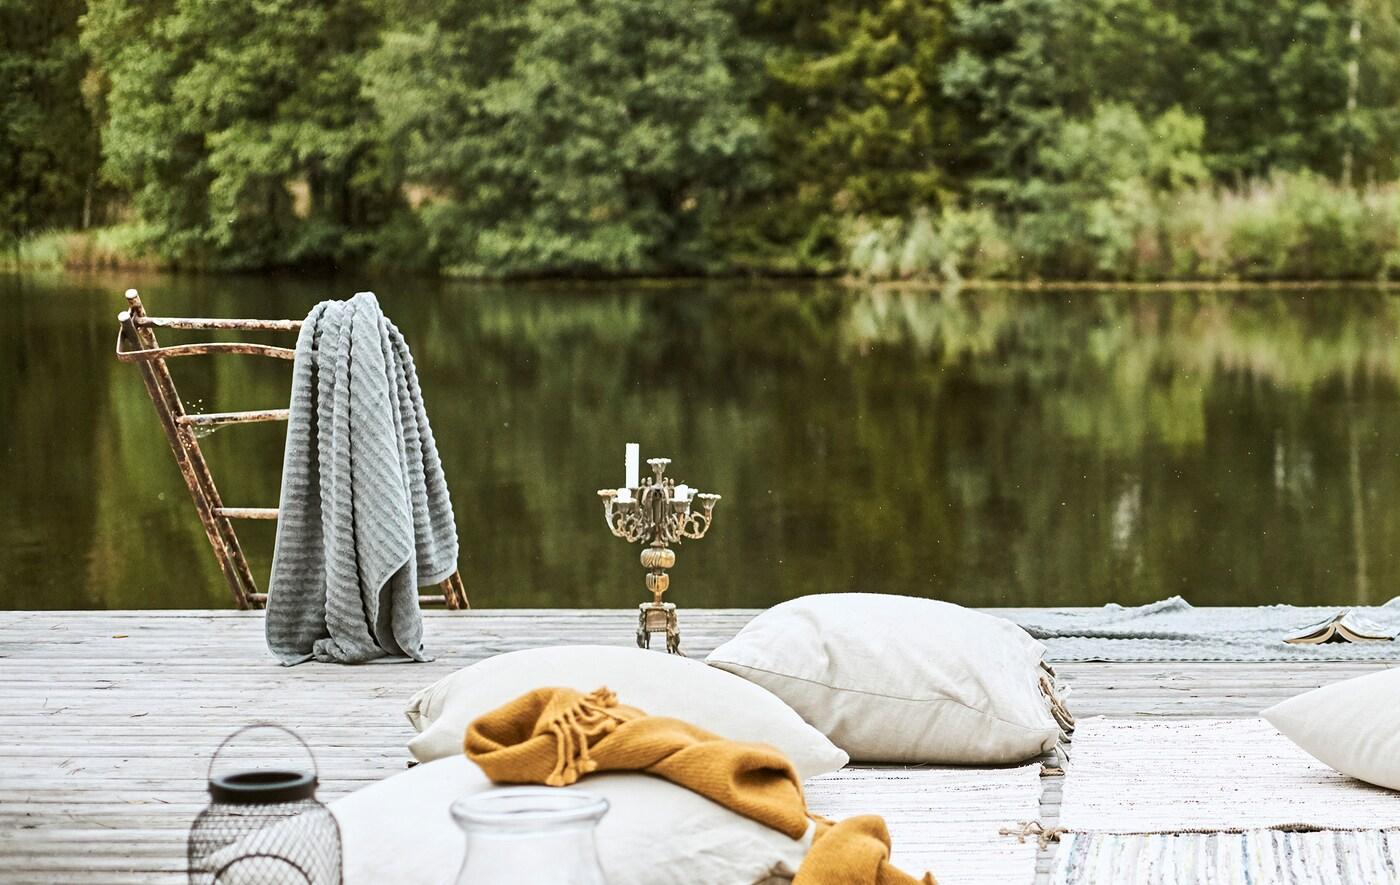 Причал біля озера, подушки та килимки розстелені у бедуїнському стилі, на ржавій драбині висить сірий рушник, поруч канделябр.